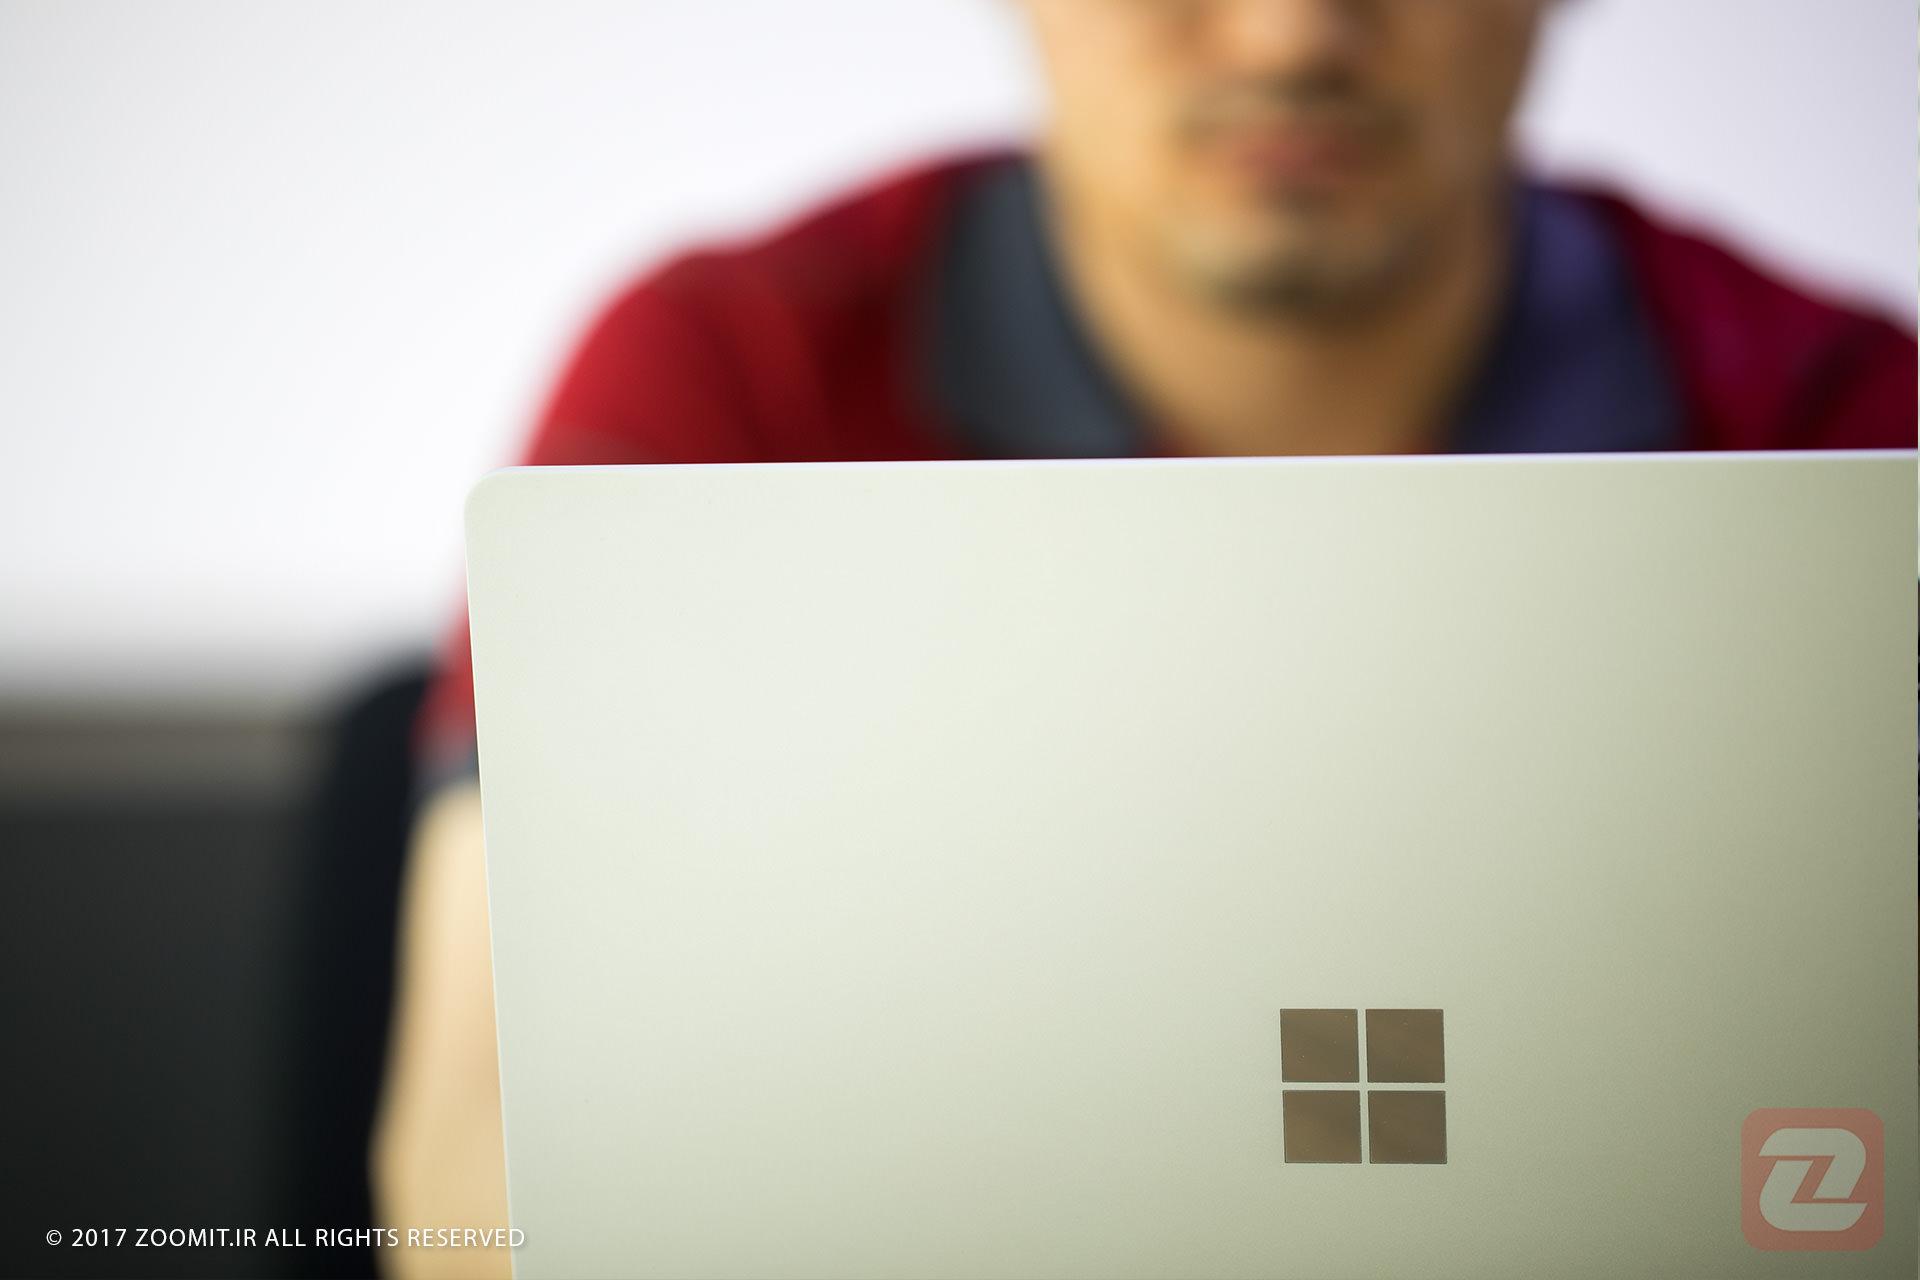 تعویق یا توقف کامل پروژه اندرومدا به نقل از منابع داخلی در مایکروسافت